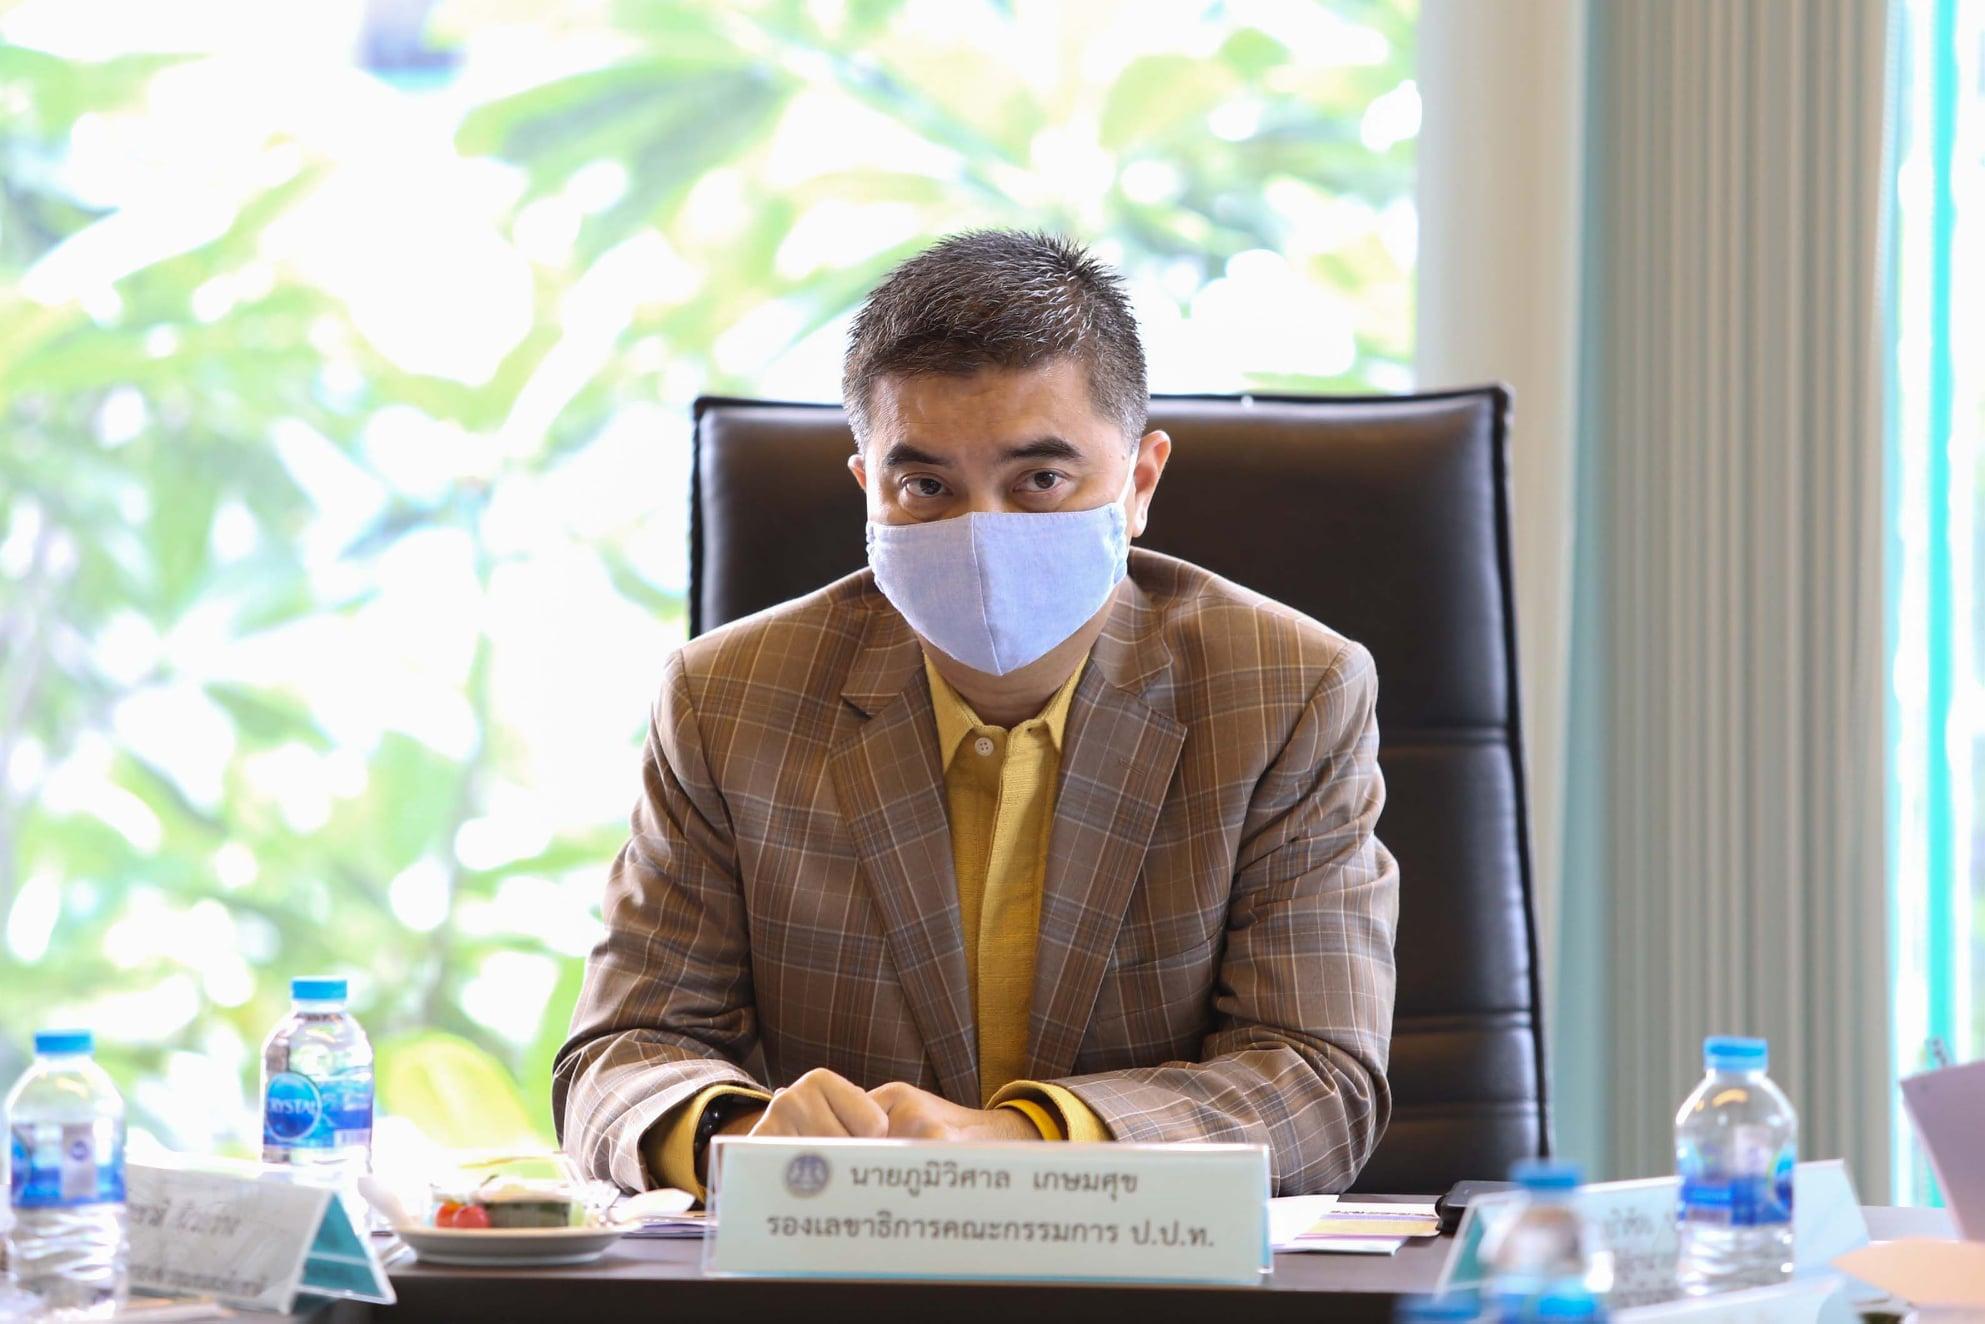 สำนักงาน ป.ป.ท. เปิดเวทีภาคประชาสังคมร่วมกำหนดแนวทางแผนปฏิบัติการในการป้องกันและเฝ้าระวังการทุจริต